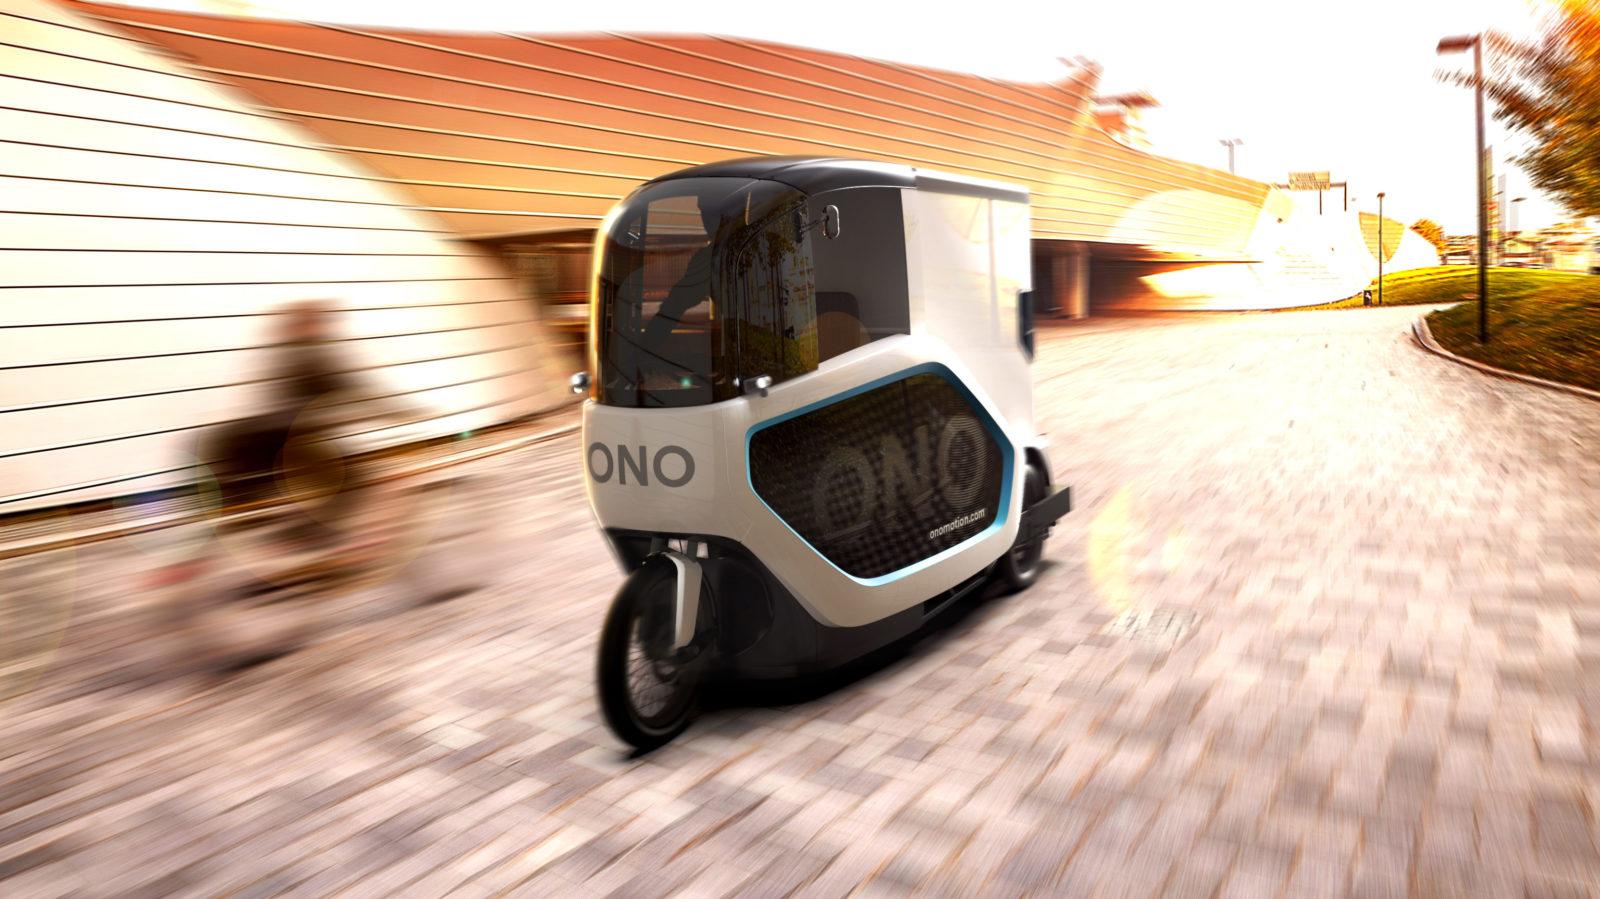 Das elektrische Lastenrad von Ono transport bis zu 220 Kilogramm Zuladung.